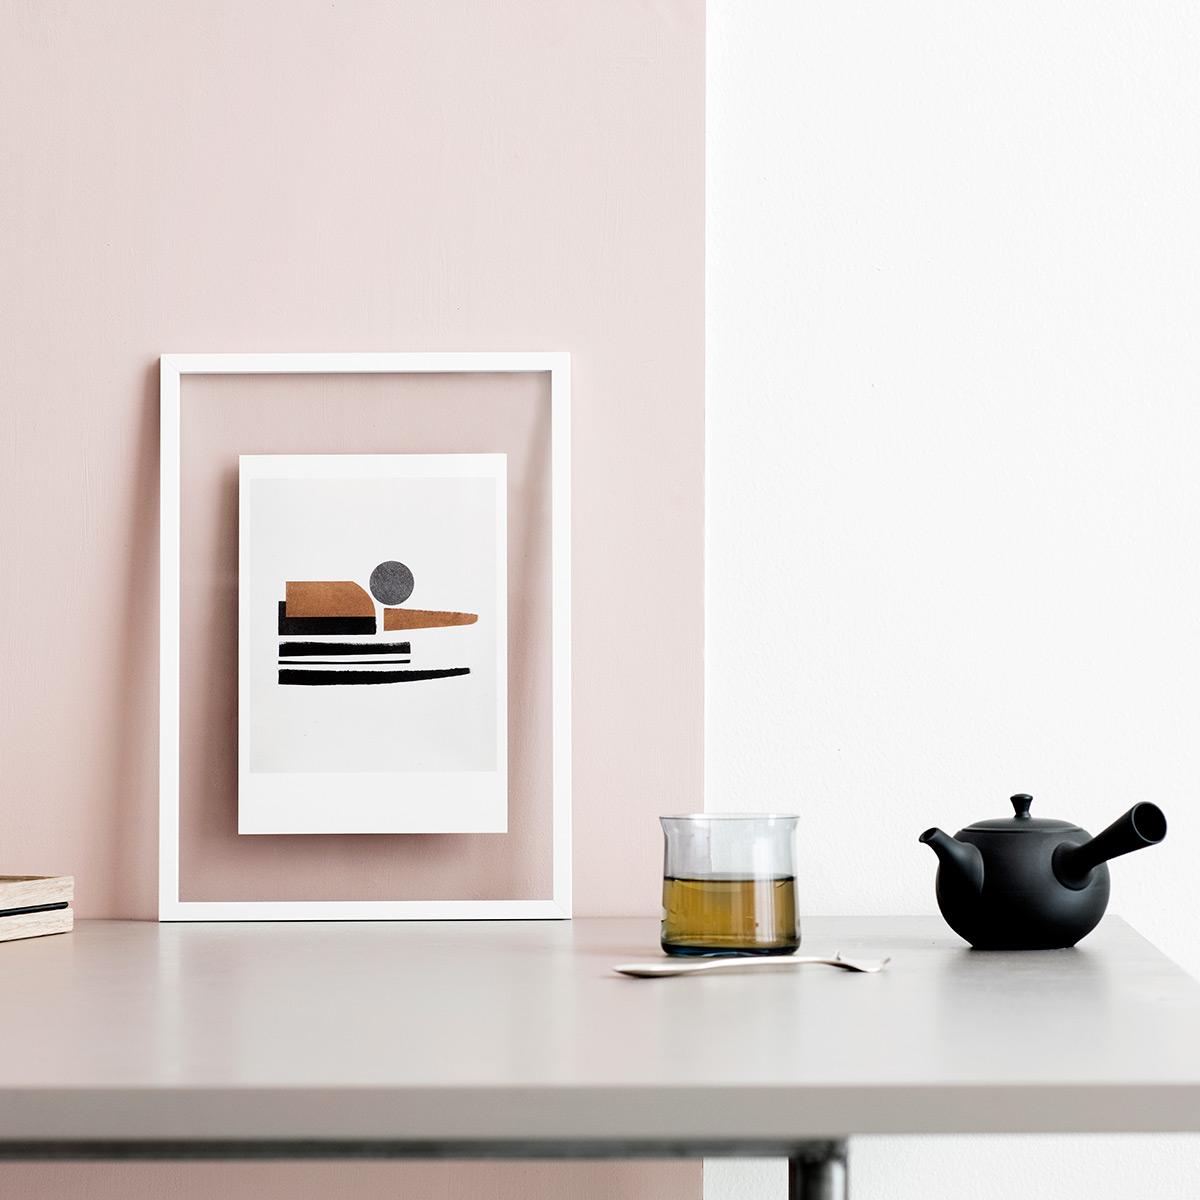 rikiki grafik produkt white frame bilderrahmen a3. Black Bedroom Furniture Sets. Home Design Ideas